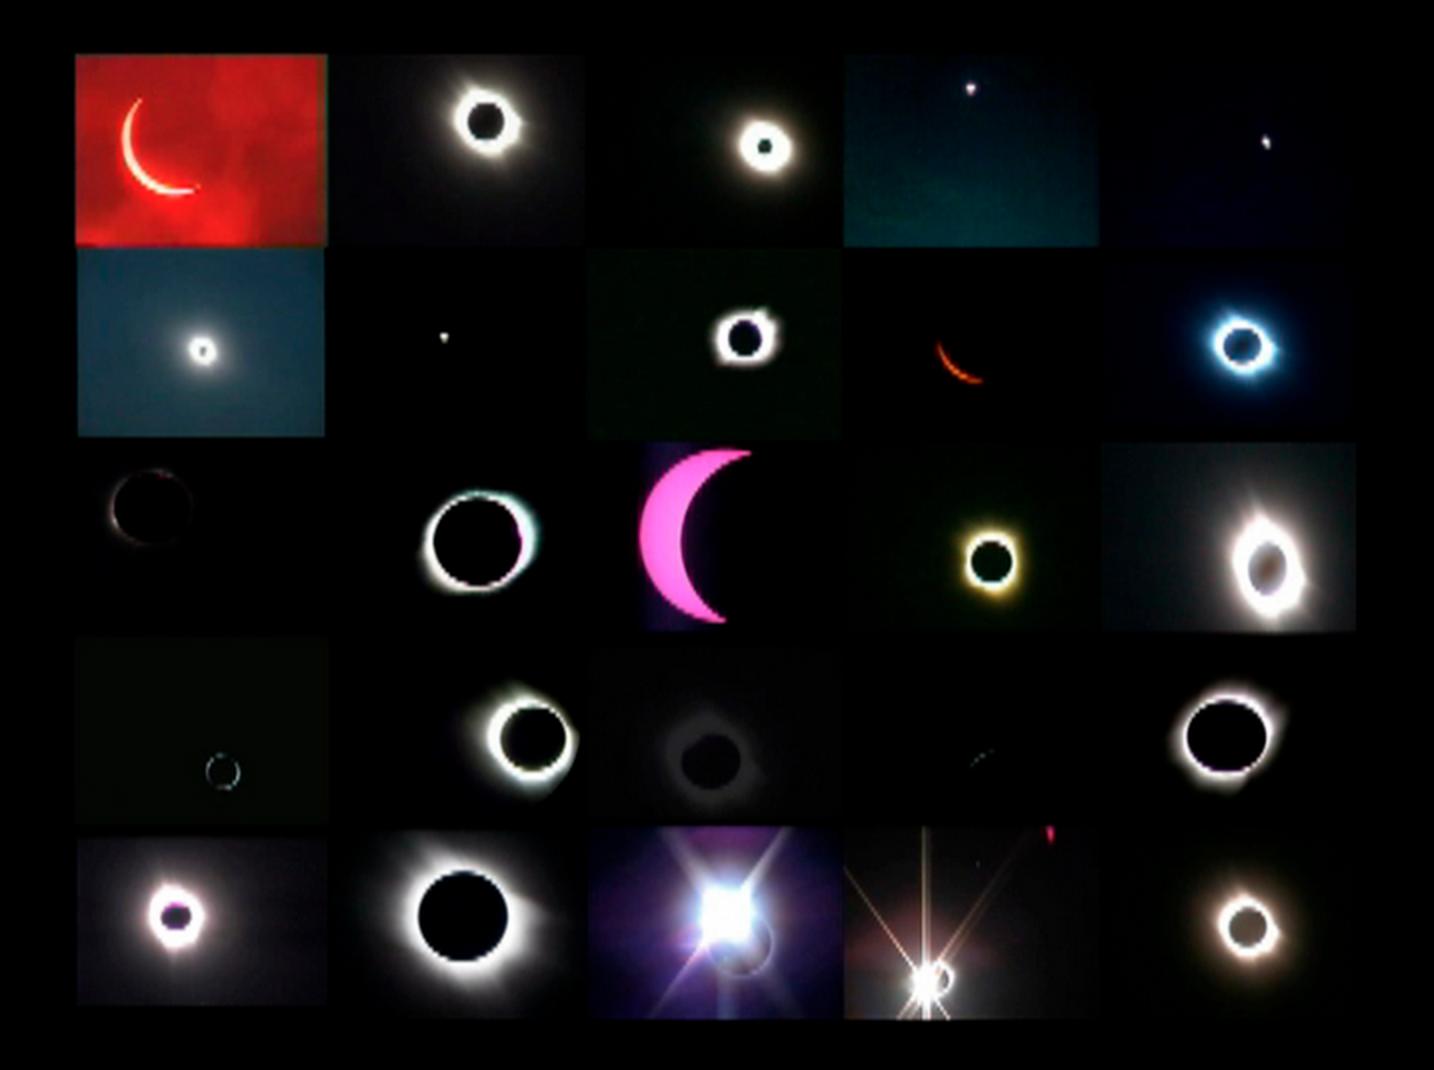 Screen Shot 2015-09-25 at 2.52.56 PM.png